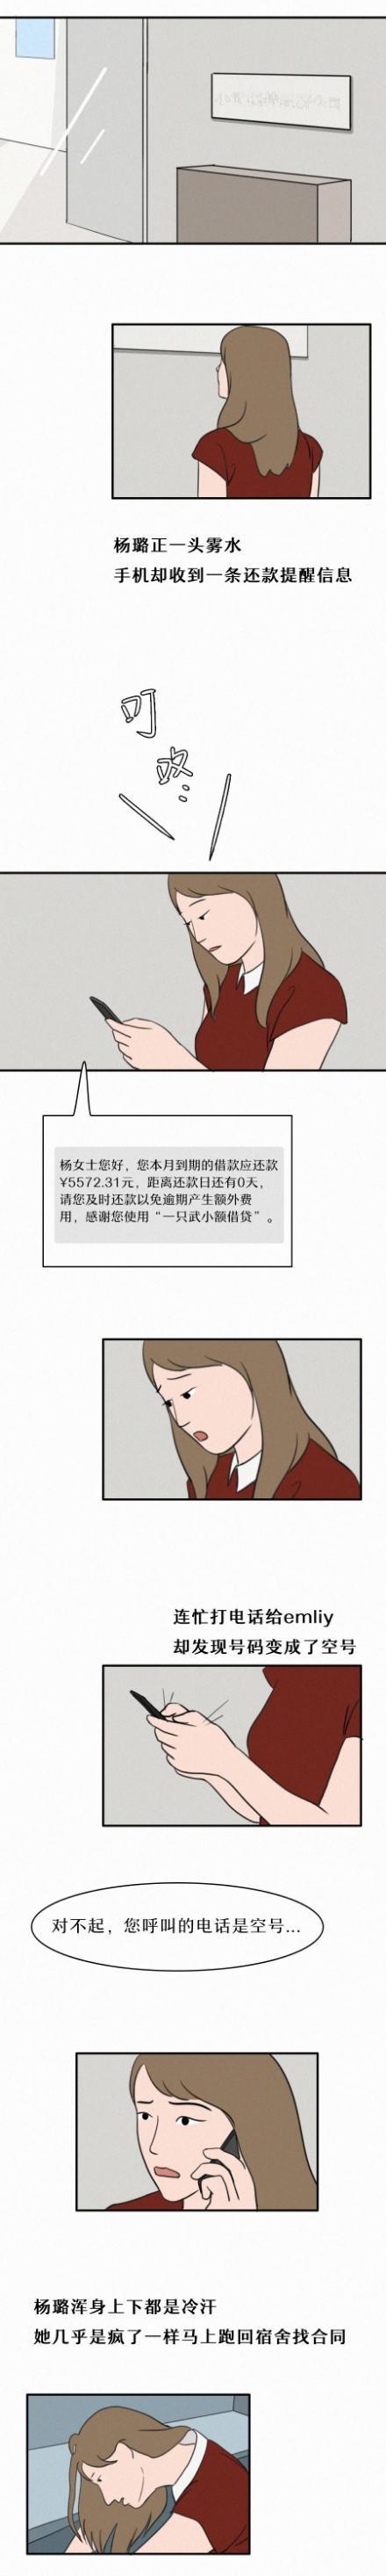 女大学生的真实经历:我是如何掉入陷阱堕落下去的?(漫画)